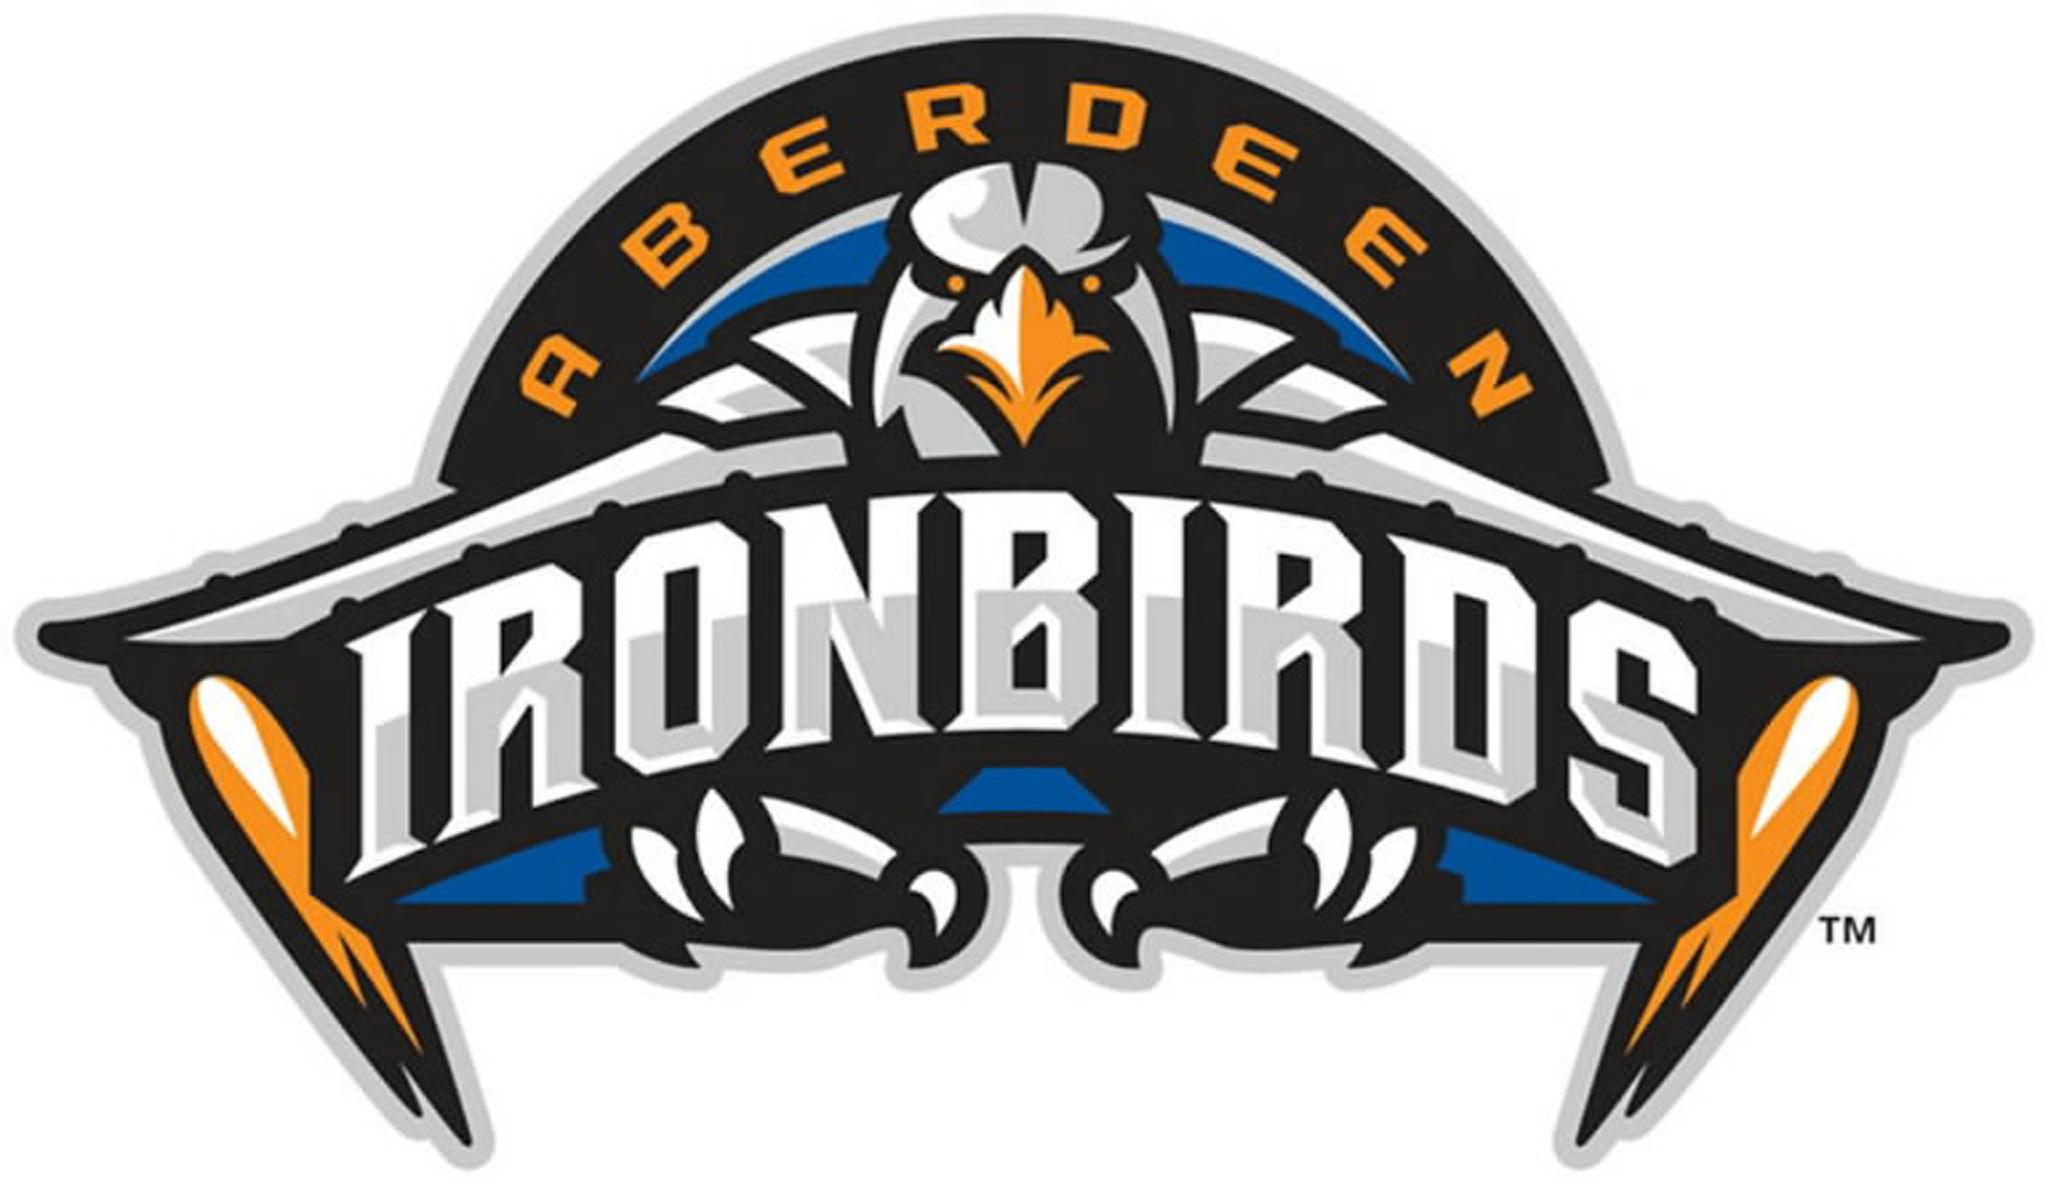 Afbeeldingsresultaat voor Aberdeen Ironbirds